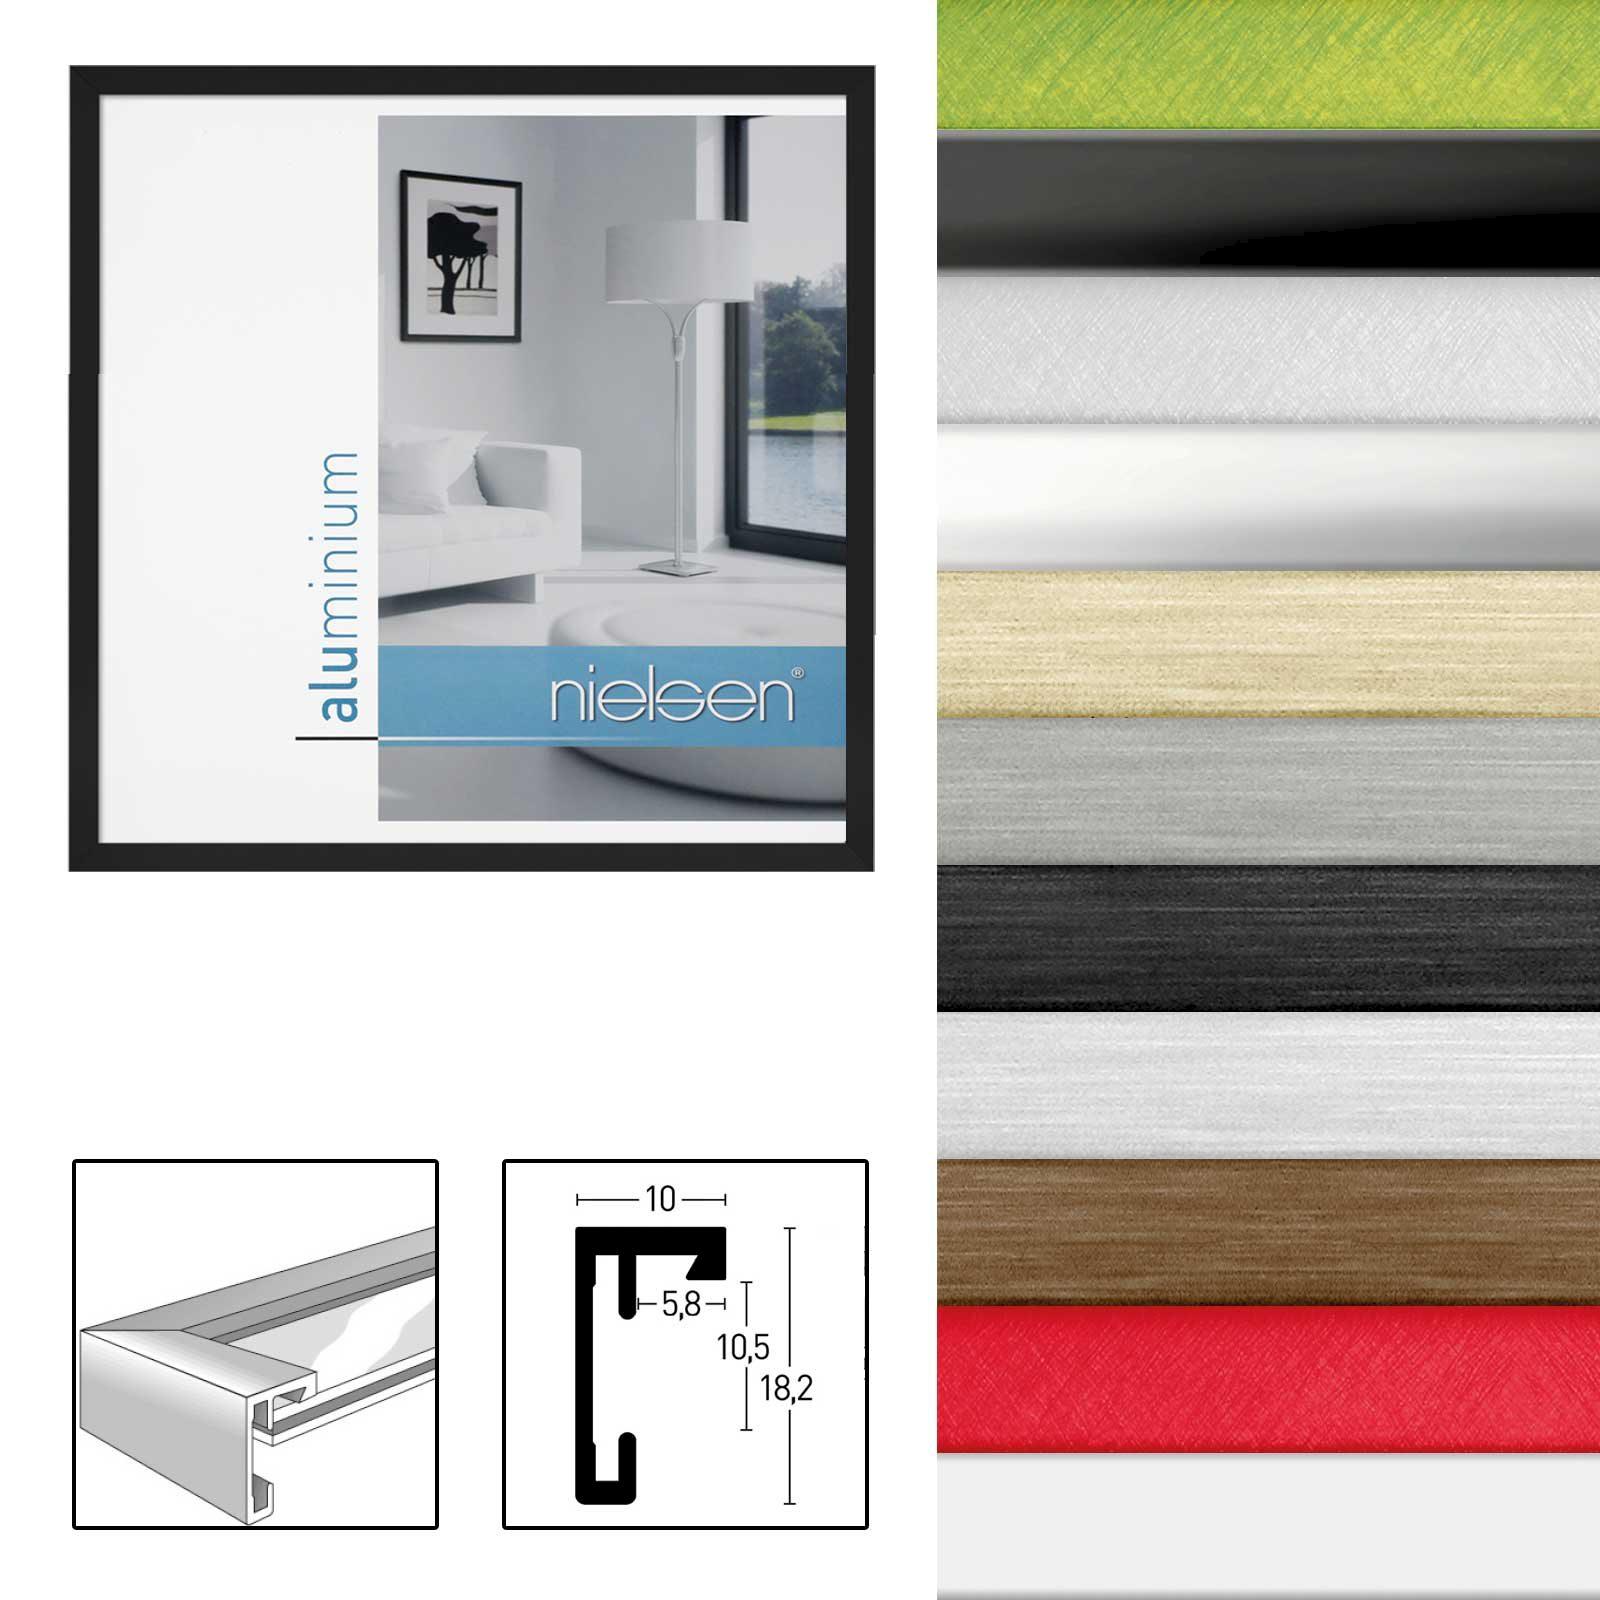 Nielsen Alurahmen C2 in verschiedenen Farben und Größen